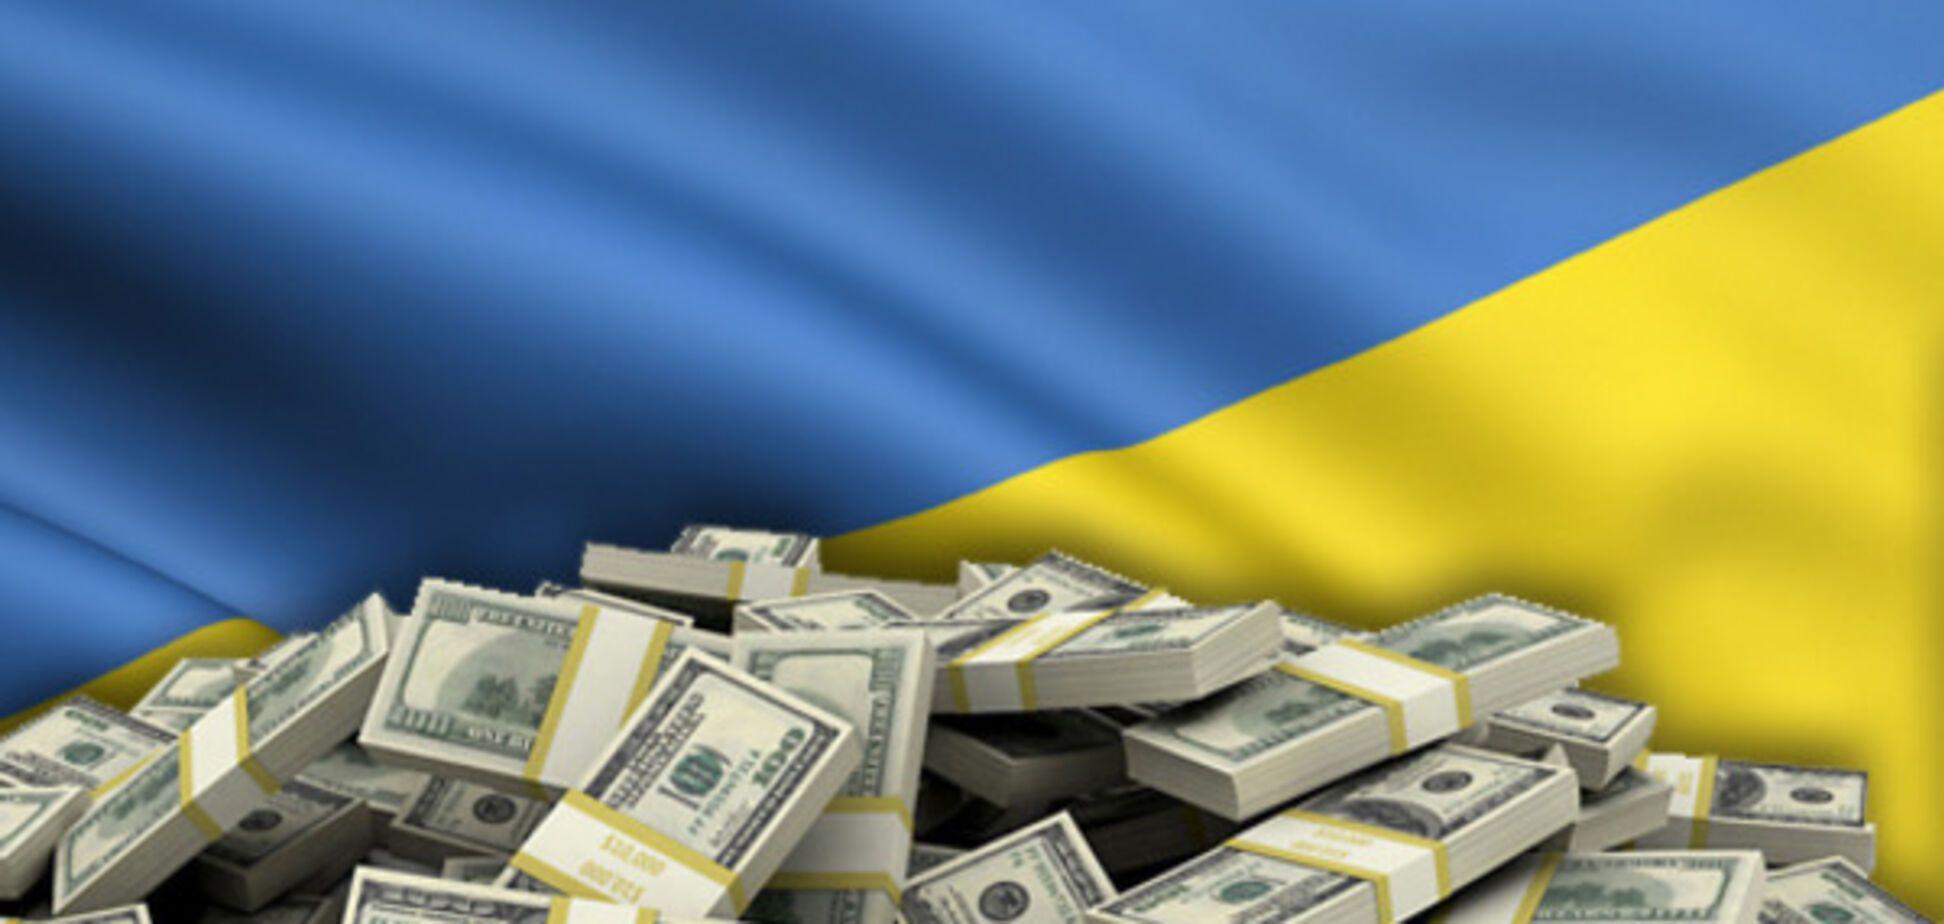 Украина и МВФ: эксперт оценил последствия возврата миллиардных кредитов